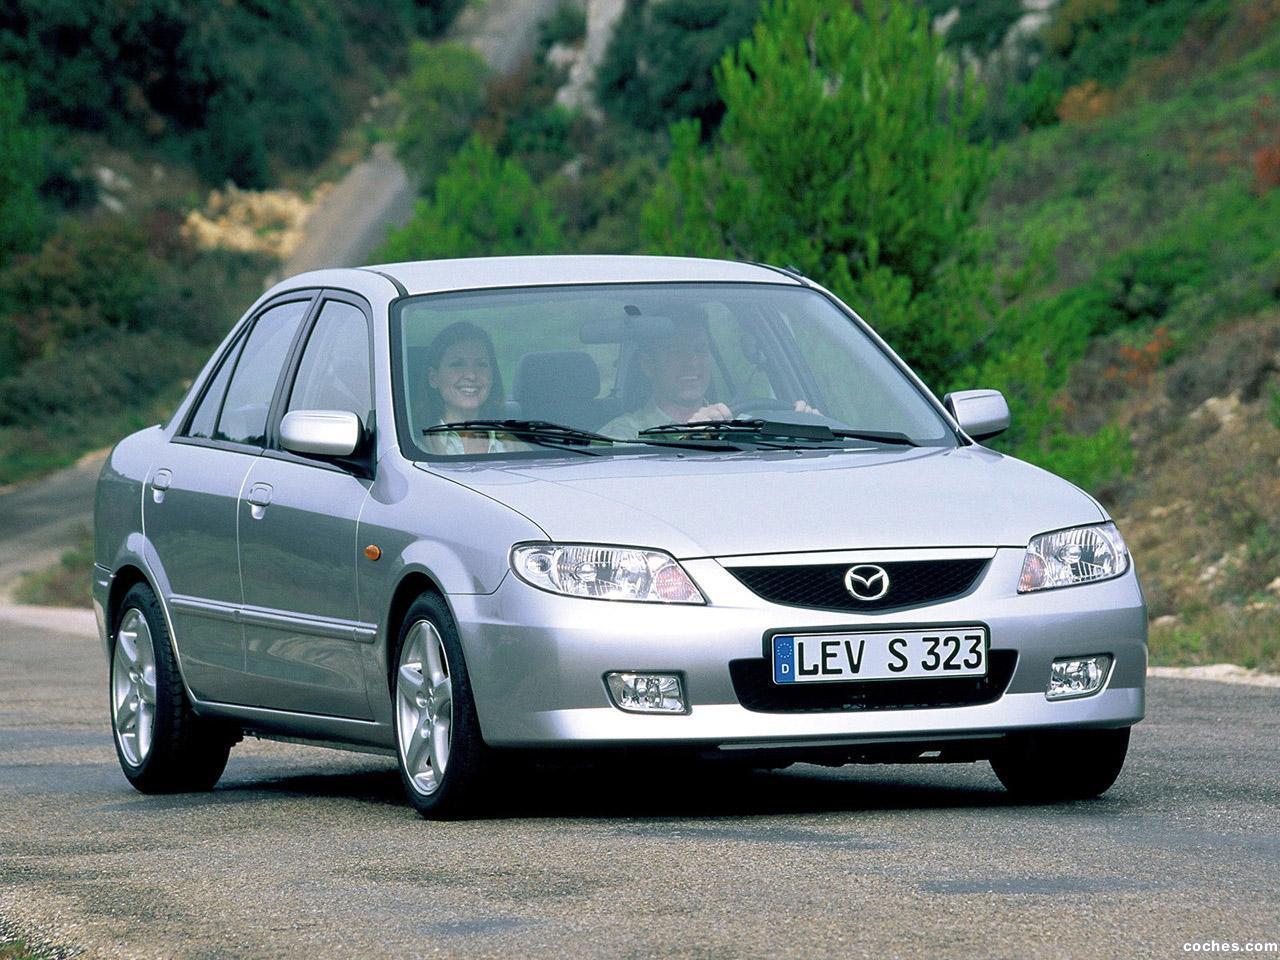 Foto 3 de Mazda 323 Sedan BJ 2000